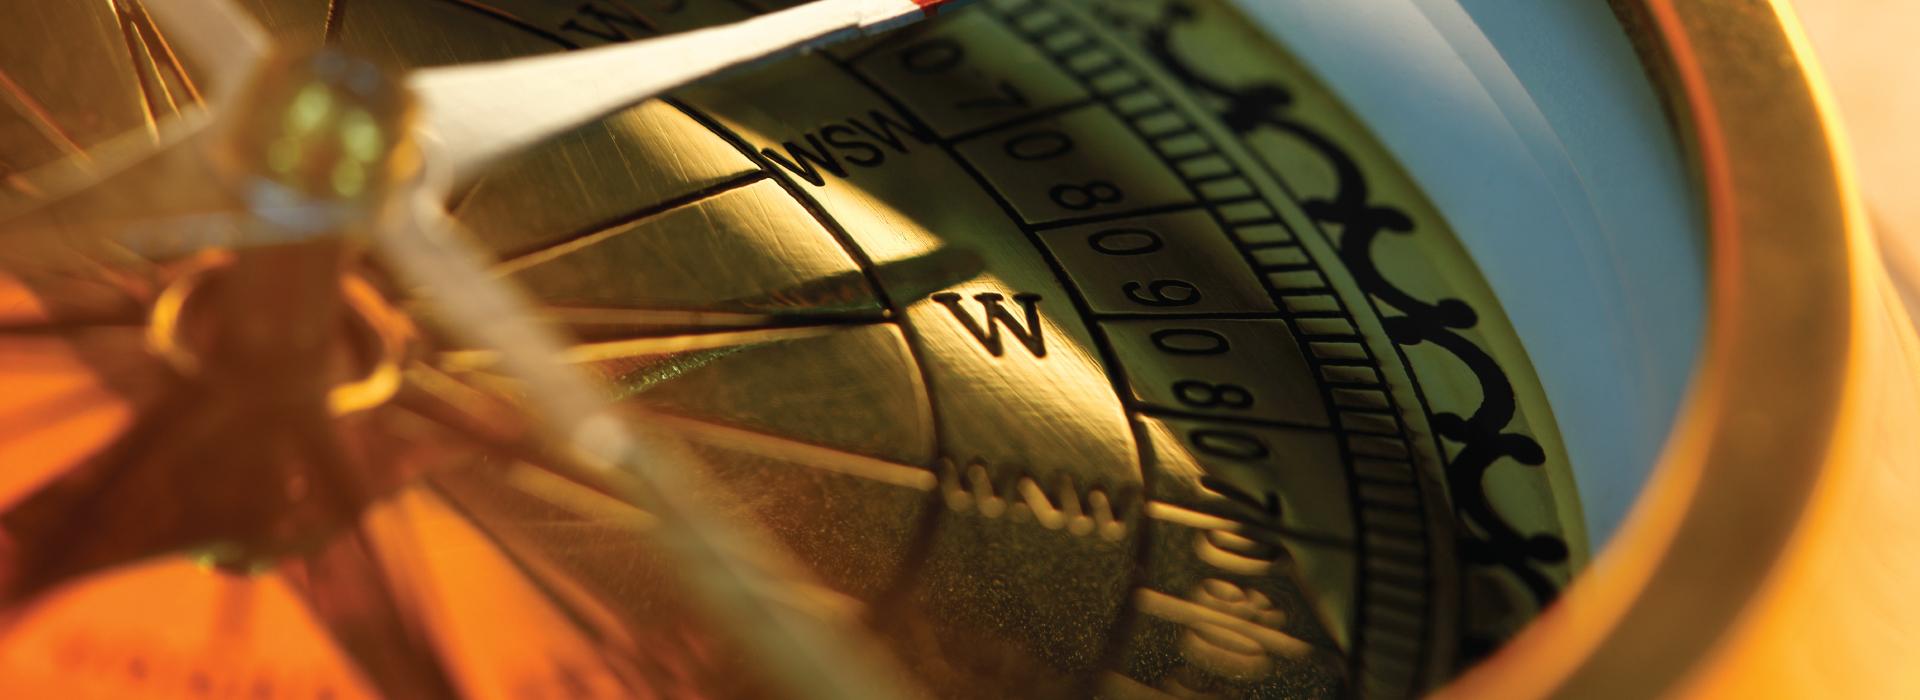 PC_Compass.jpg